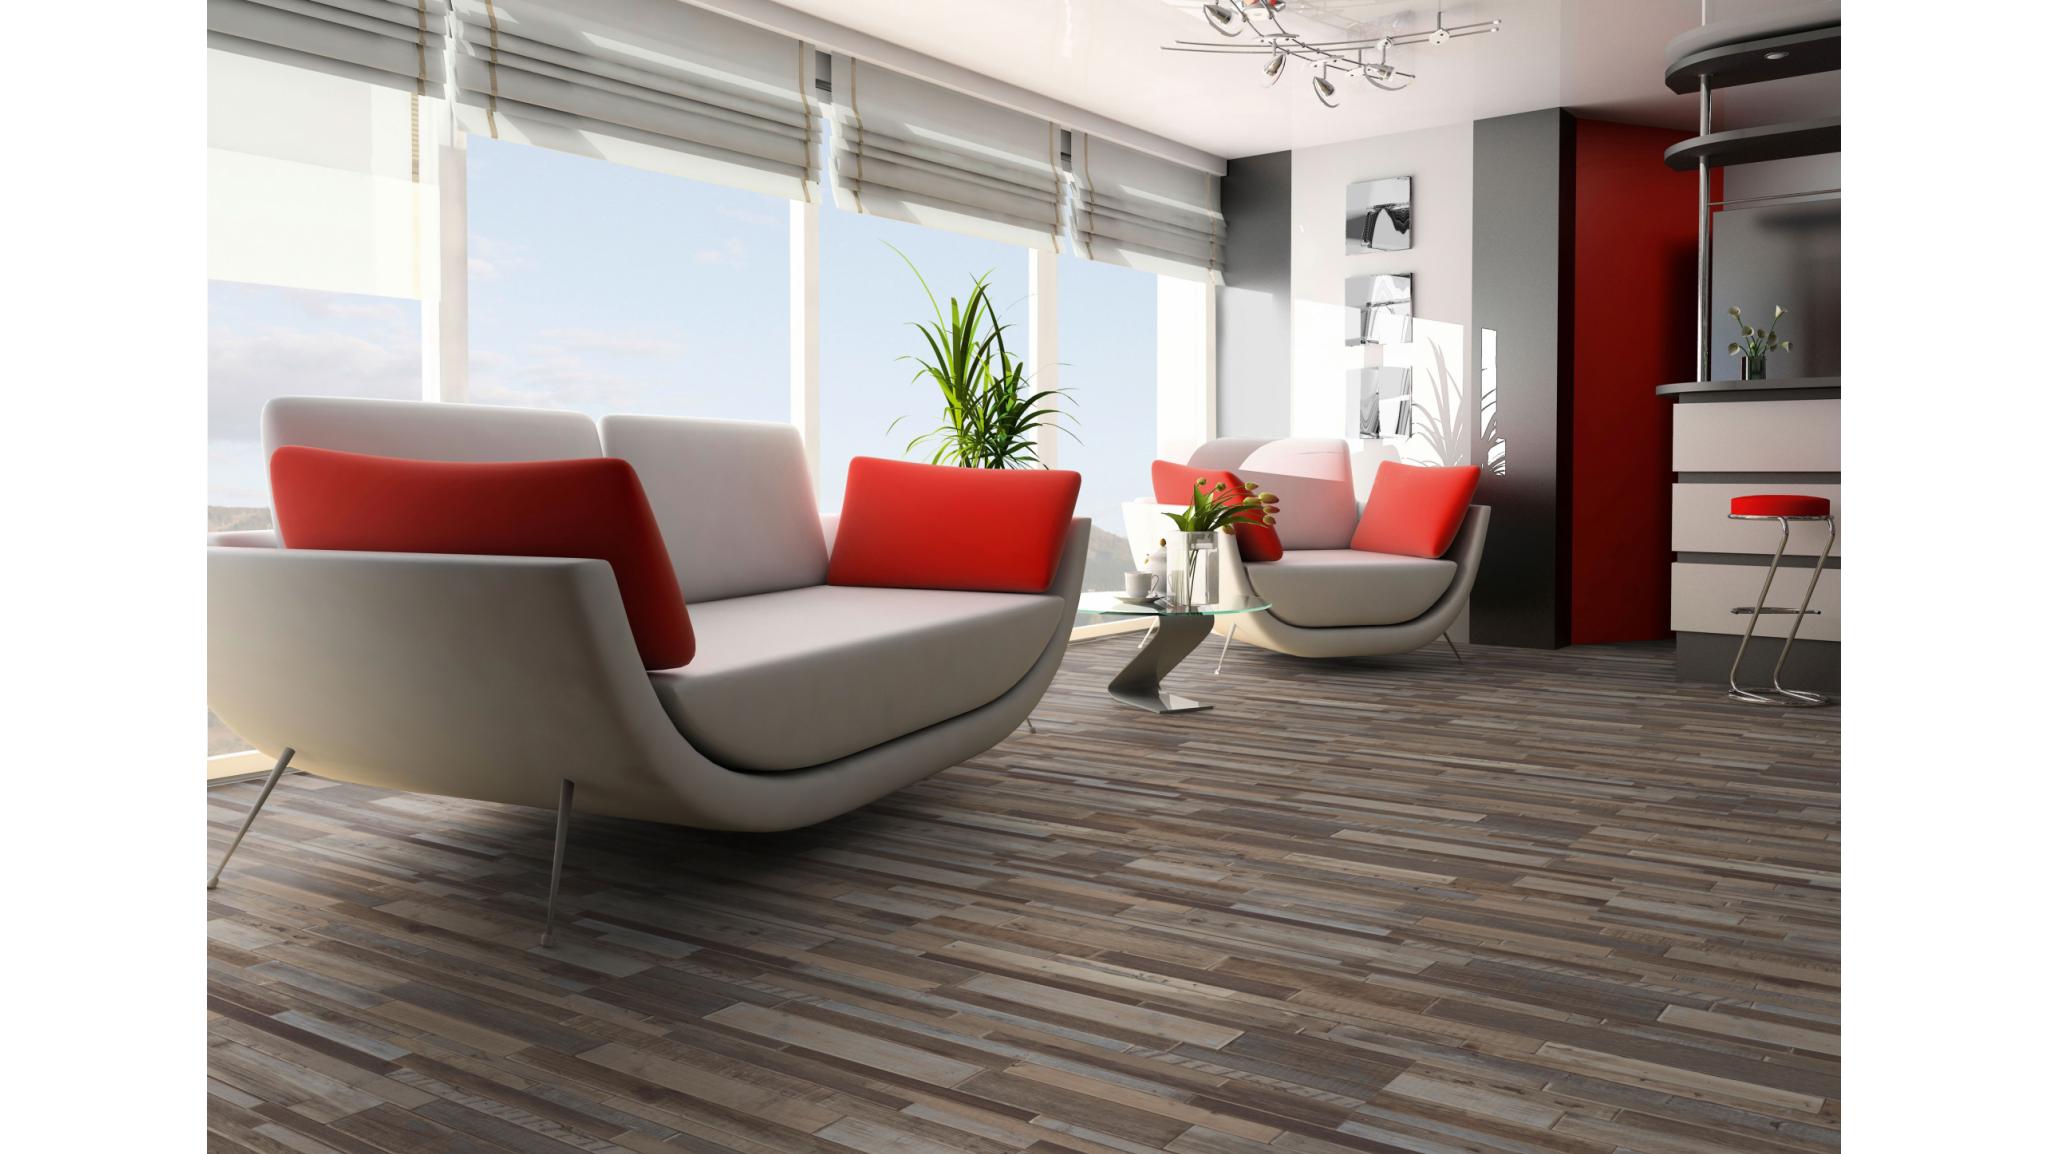 Tegels woonkamer betonlook pvc vloer voordelen fresh grijze